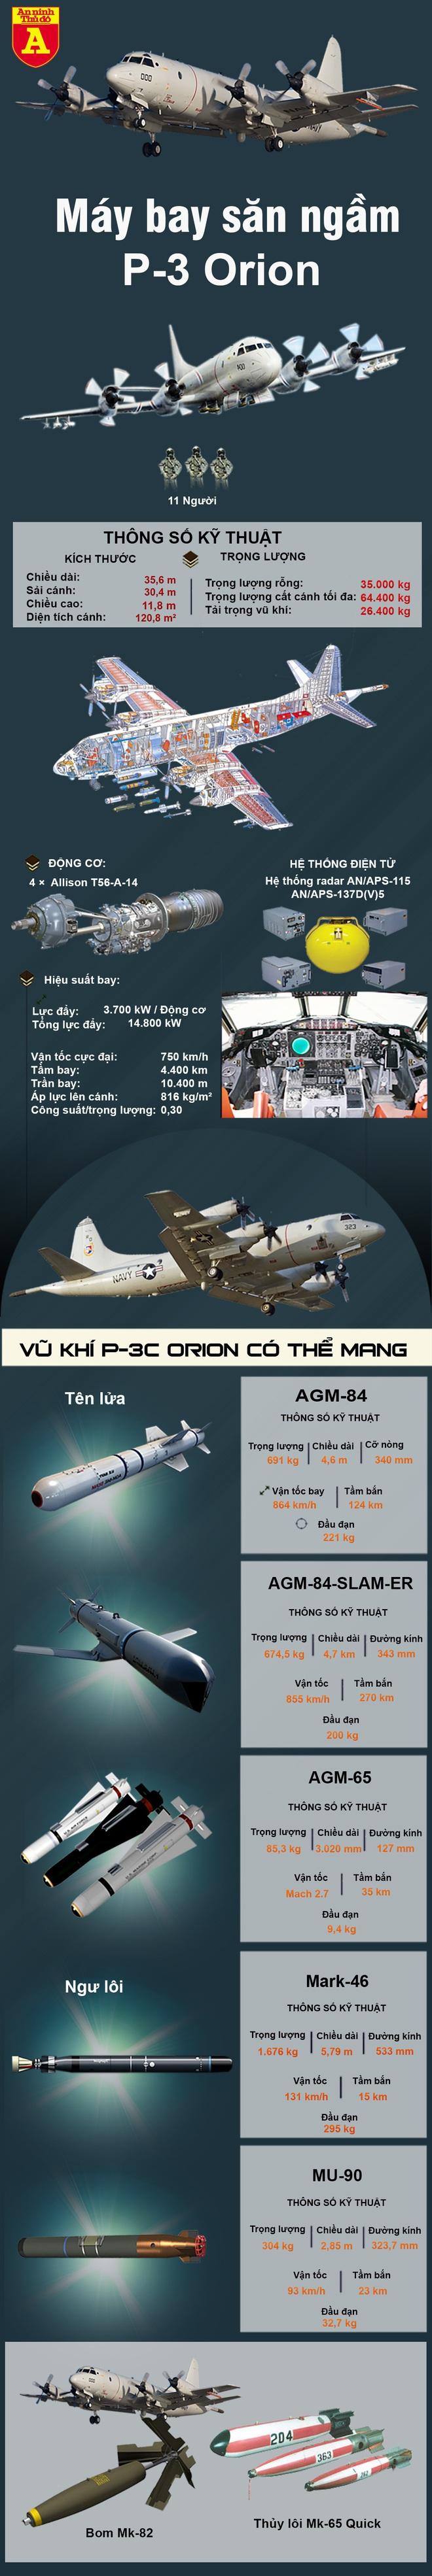 Máy bay trinh sát săn ngầm P-3F Iran đủ sức thổi tung chiến hạm Mỹ - Ảnh 2.